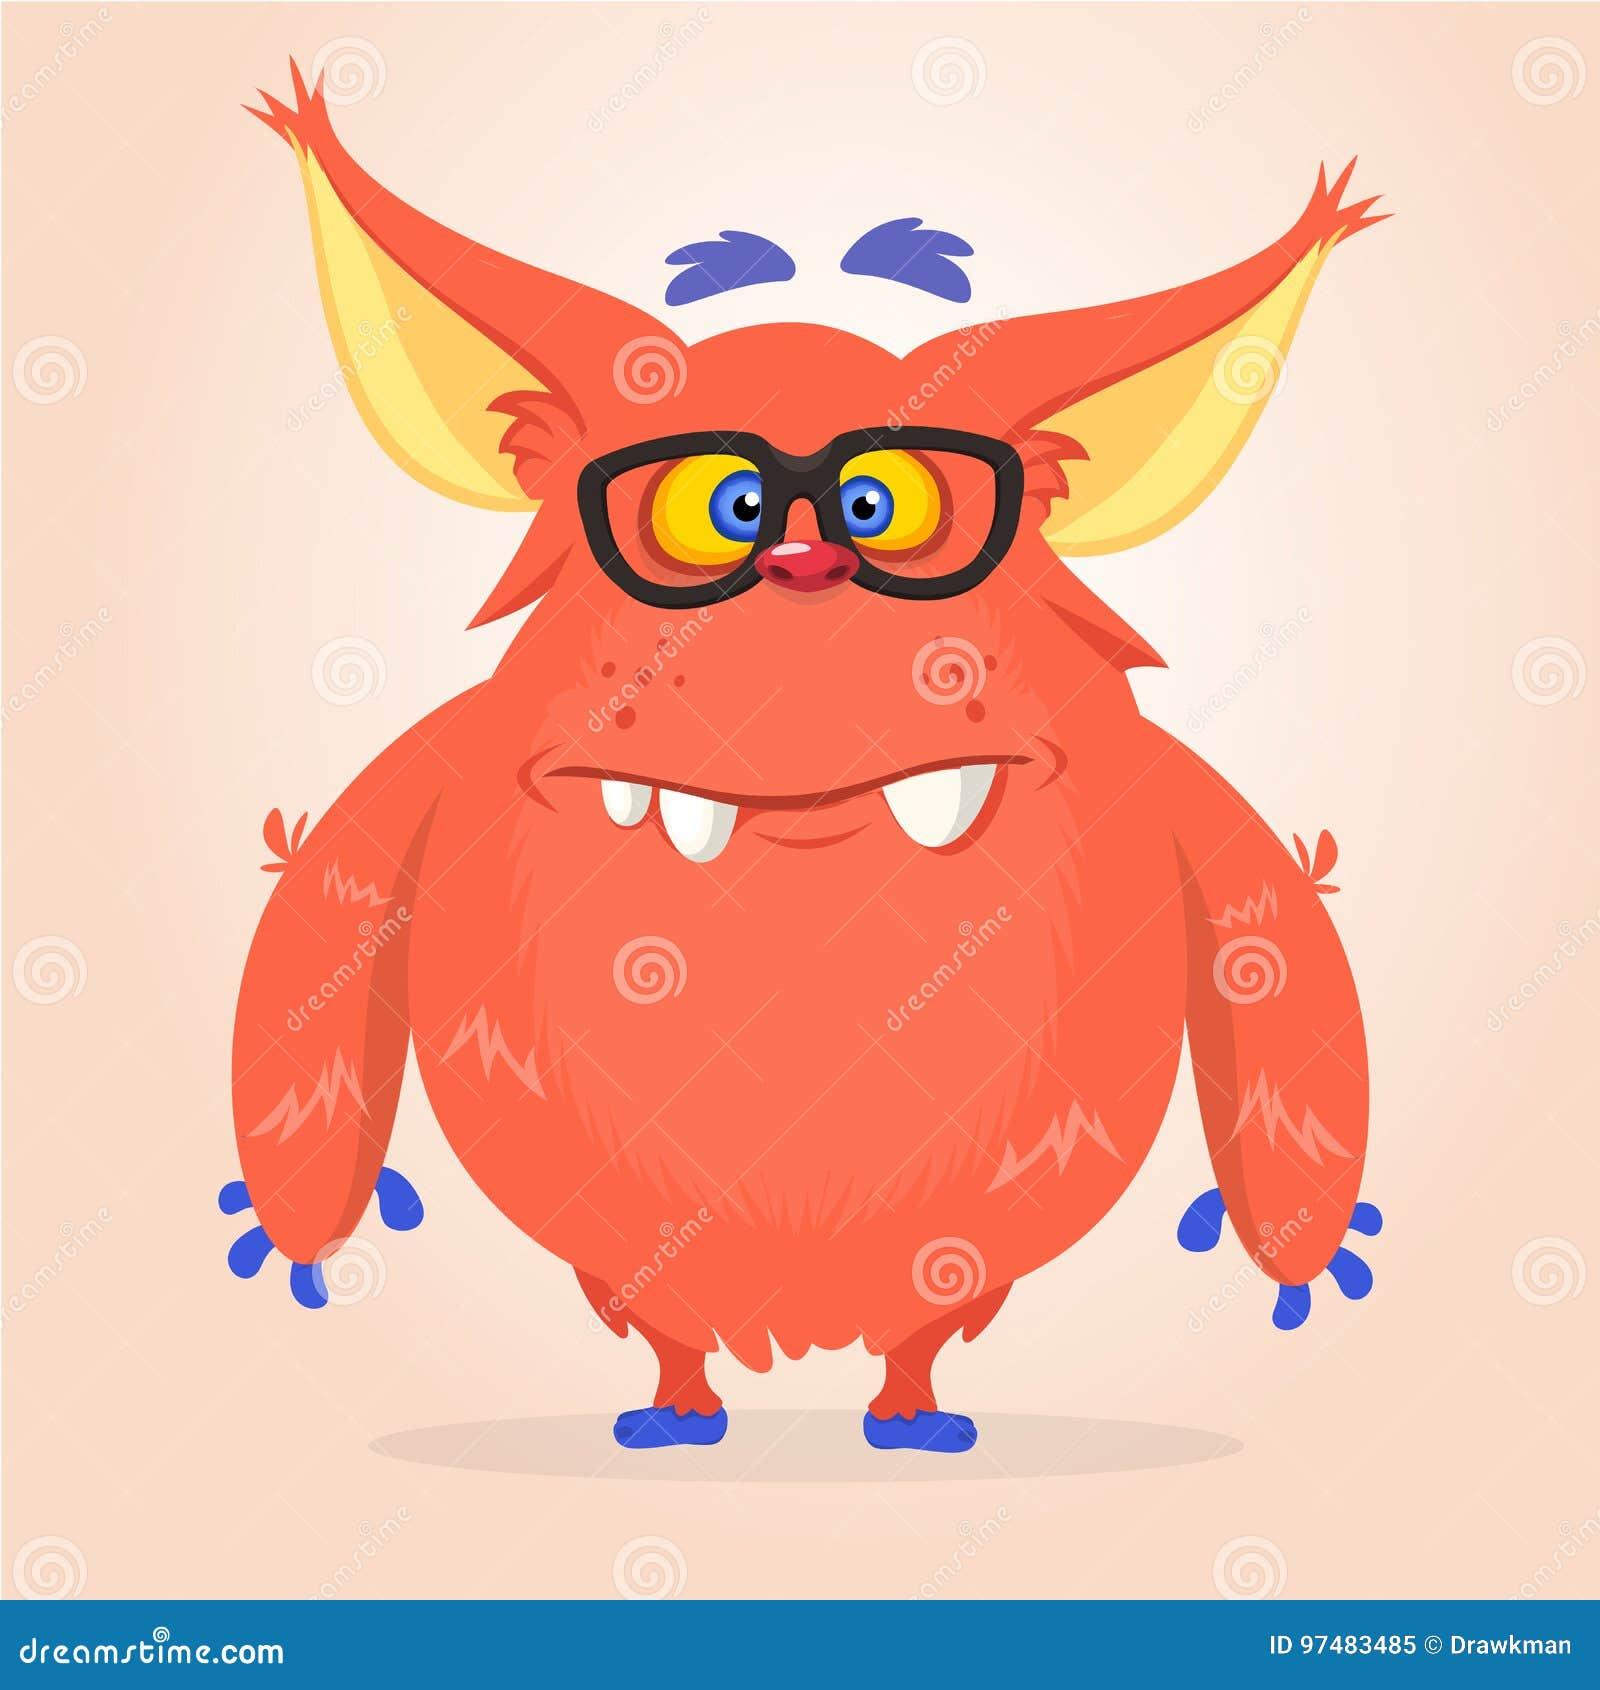 Vector il fumetto di un mostro grasso e lanuginoso rosso di Halloween con le grandi orecchie che indossano i vetri